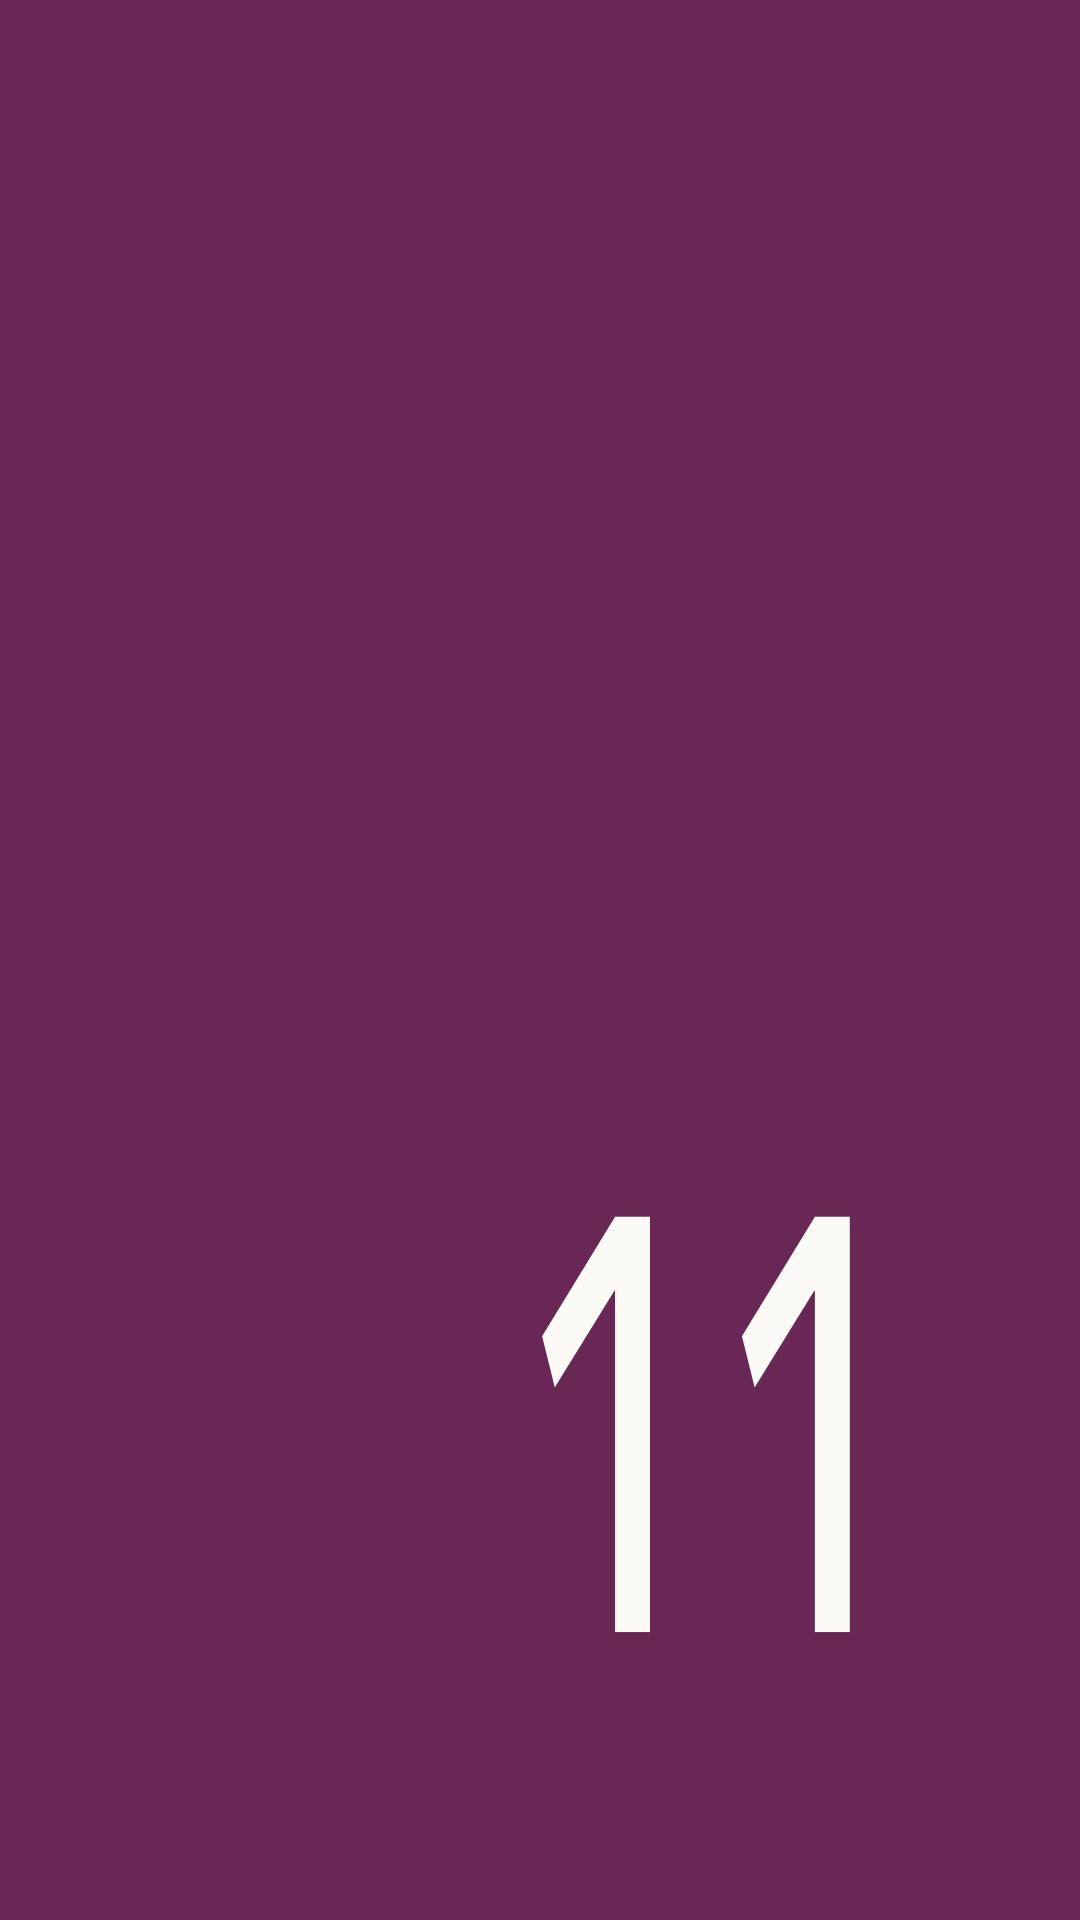 萩無料スマホ壁紙 smartphone free wallpaperC11